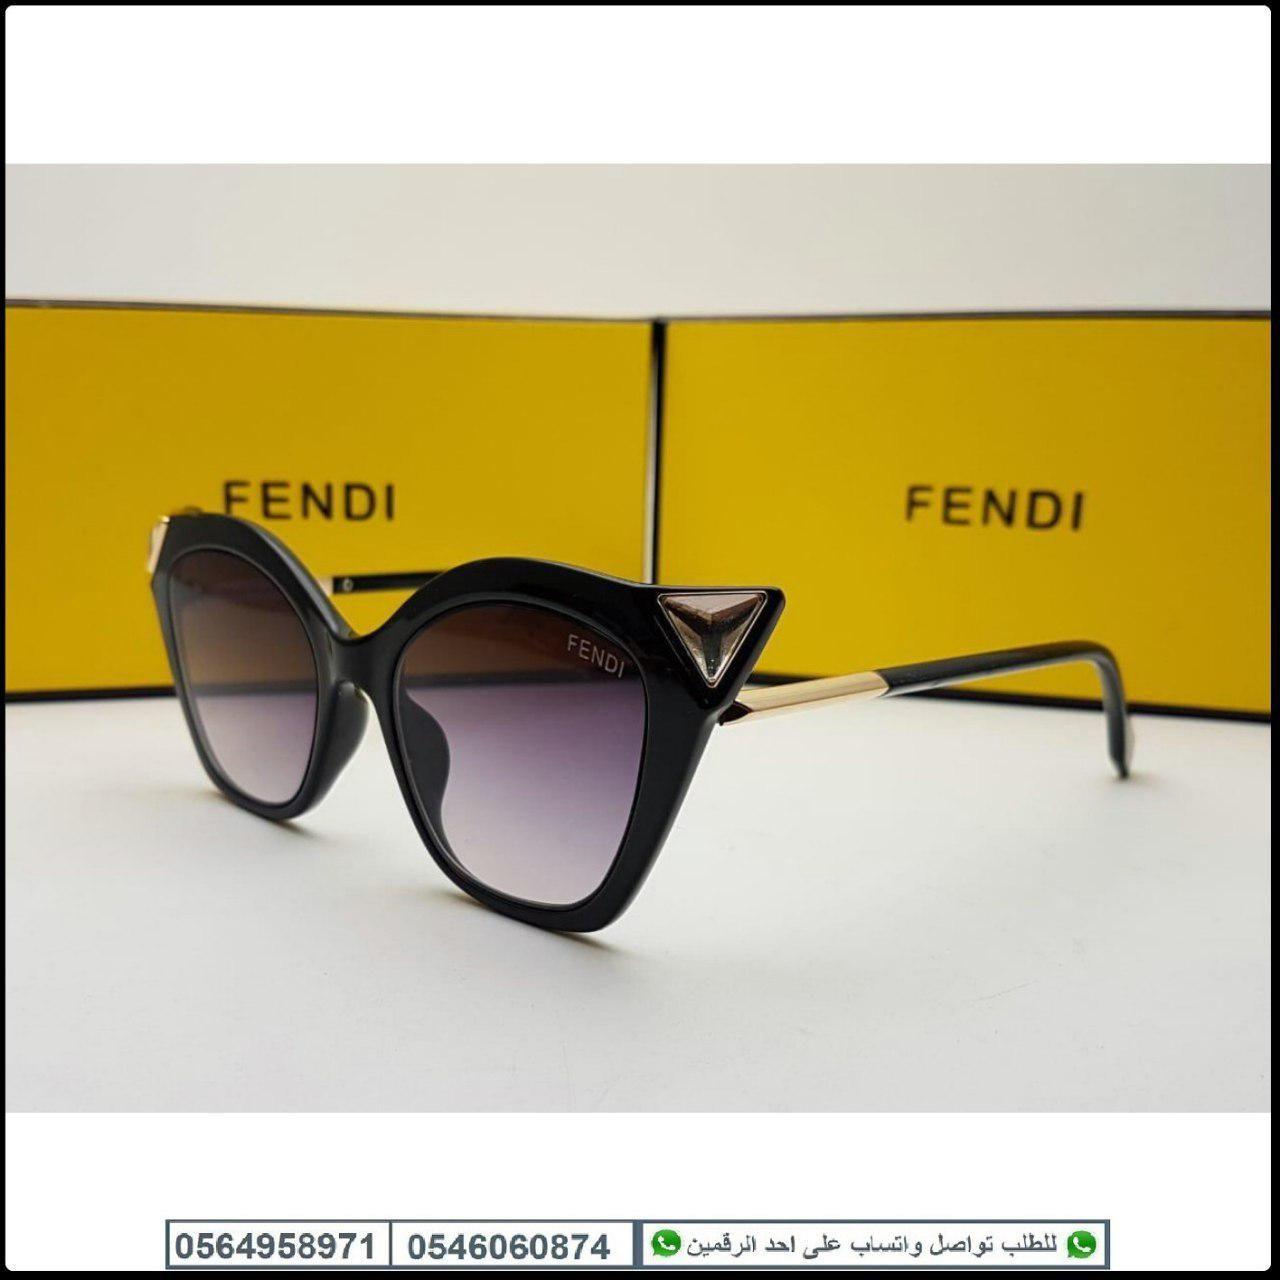 نظارات فندي نسائي Fendi درجه اولى مع جميع الملحقات وبنفس الاسم هدايا هنوف Fendi Sunglasses Glasses